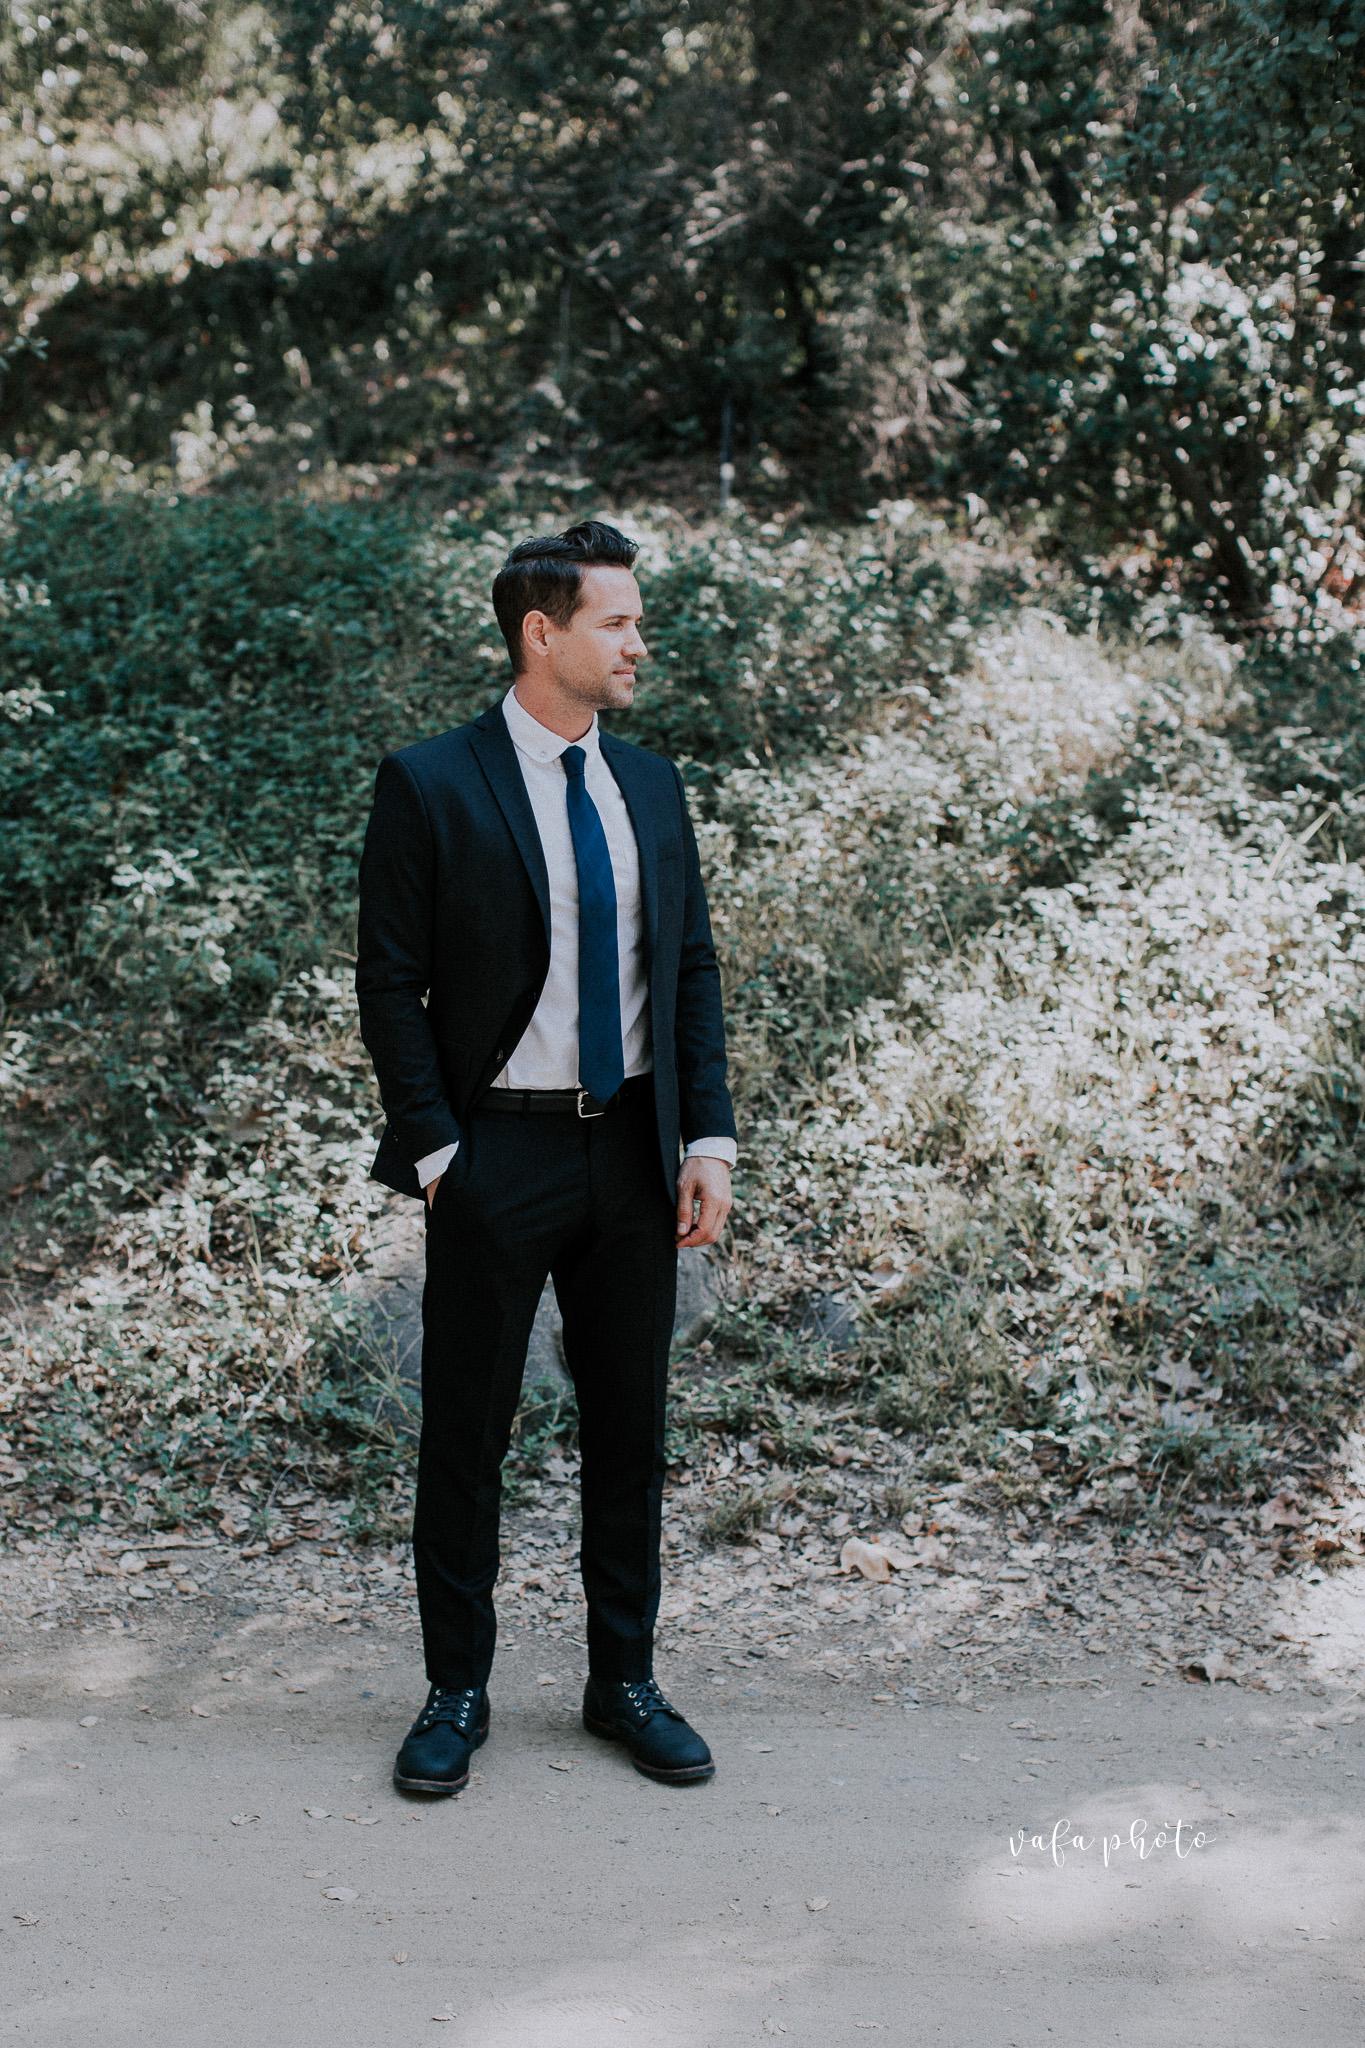 e05a8eb4 Southern-California-Wedding-Britt-Nilsson-Jeremy-Byrne-Vafa-